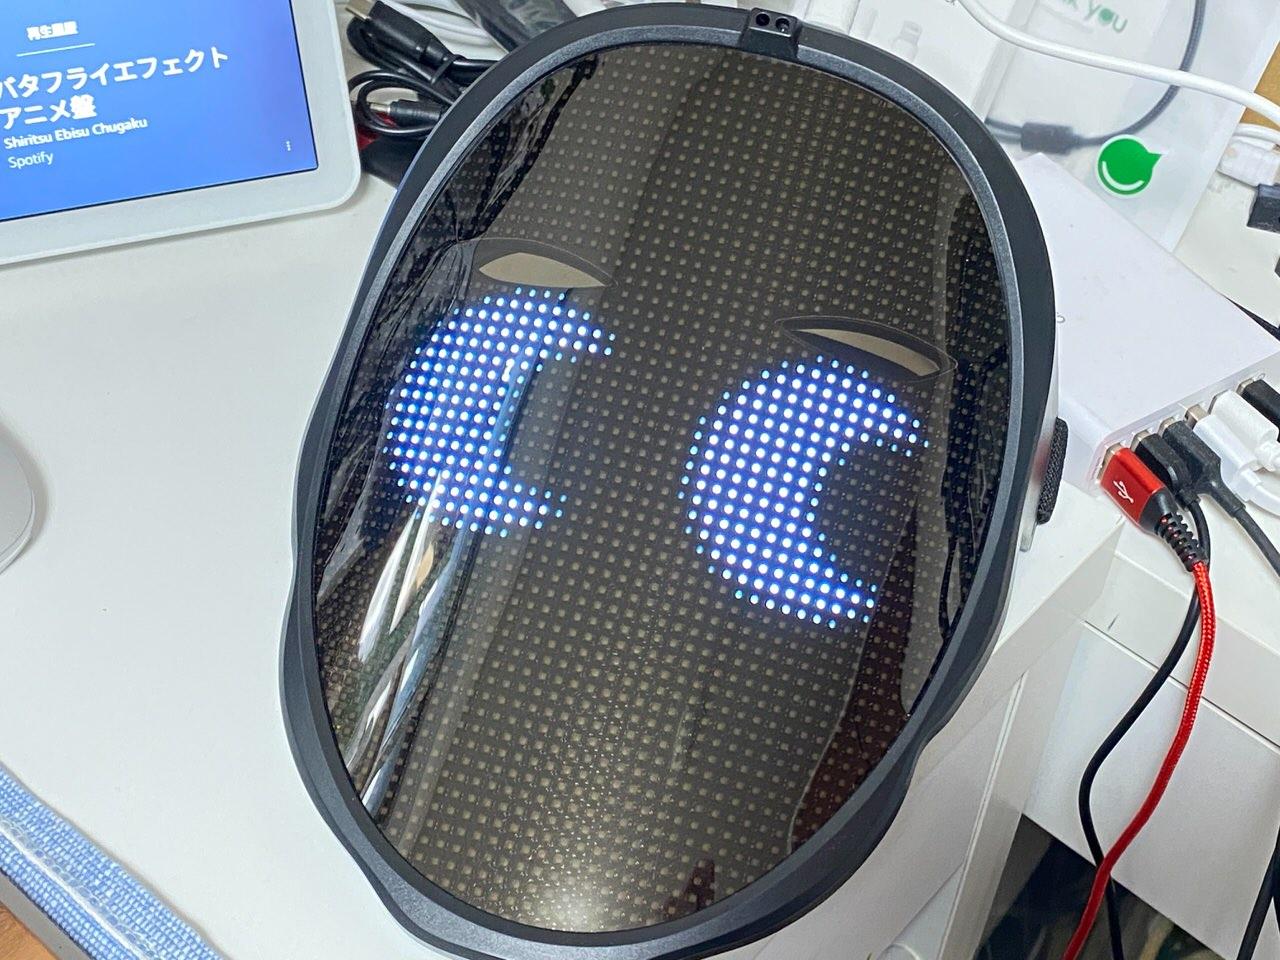 LEDディスプレイ搭載のフェイスマスク「Shining Mask(シャイニングマスク)」を買ってみた 10